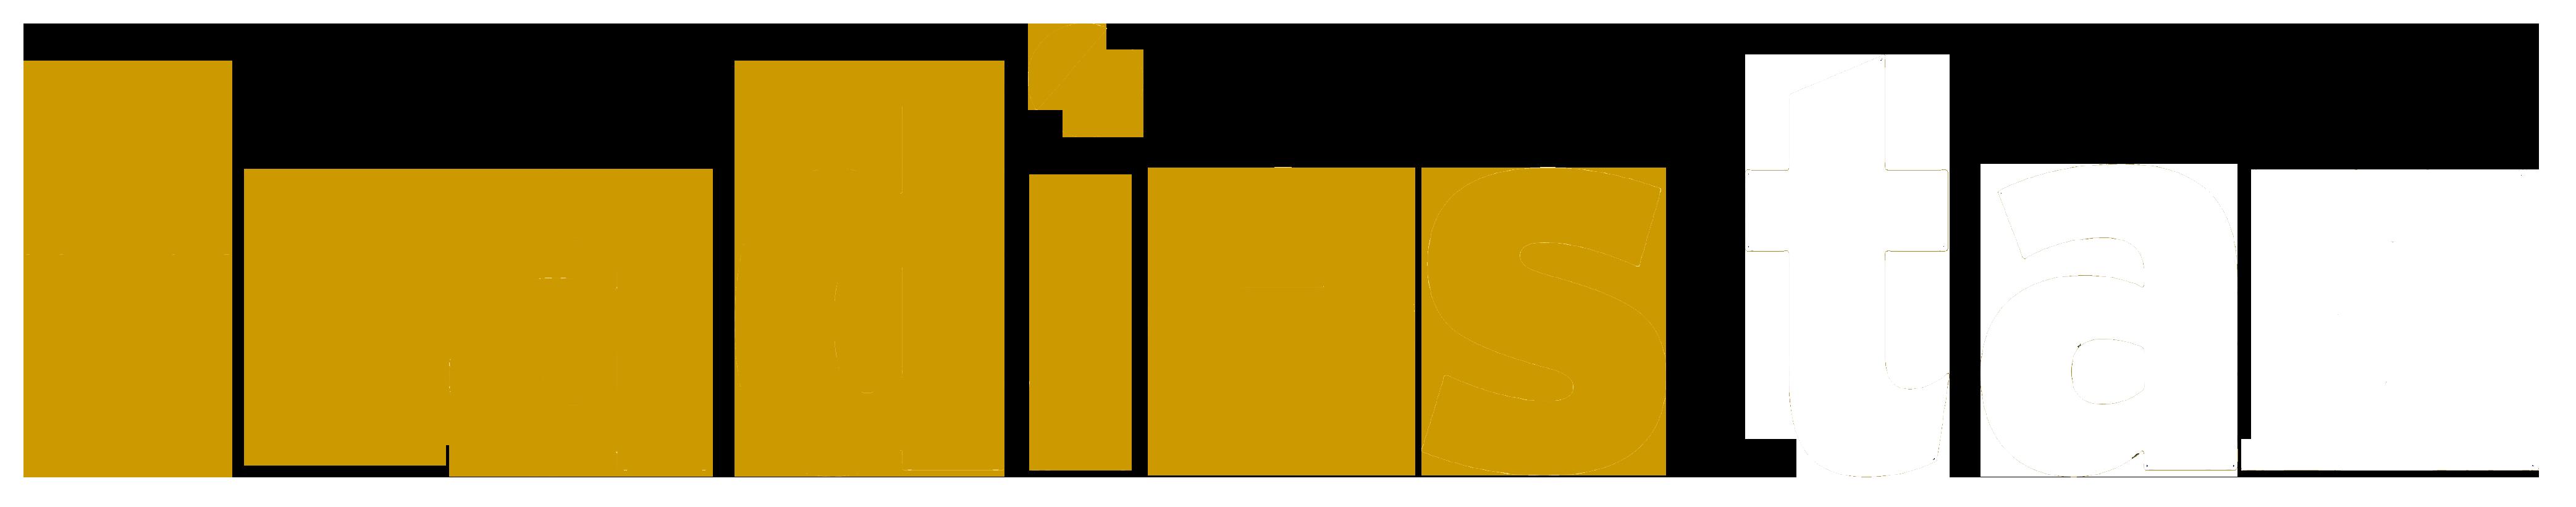 Tradiestax.com.au